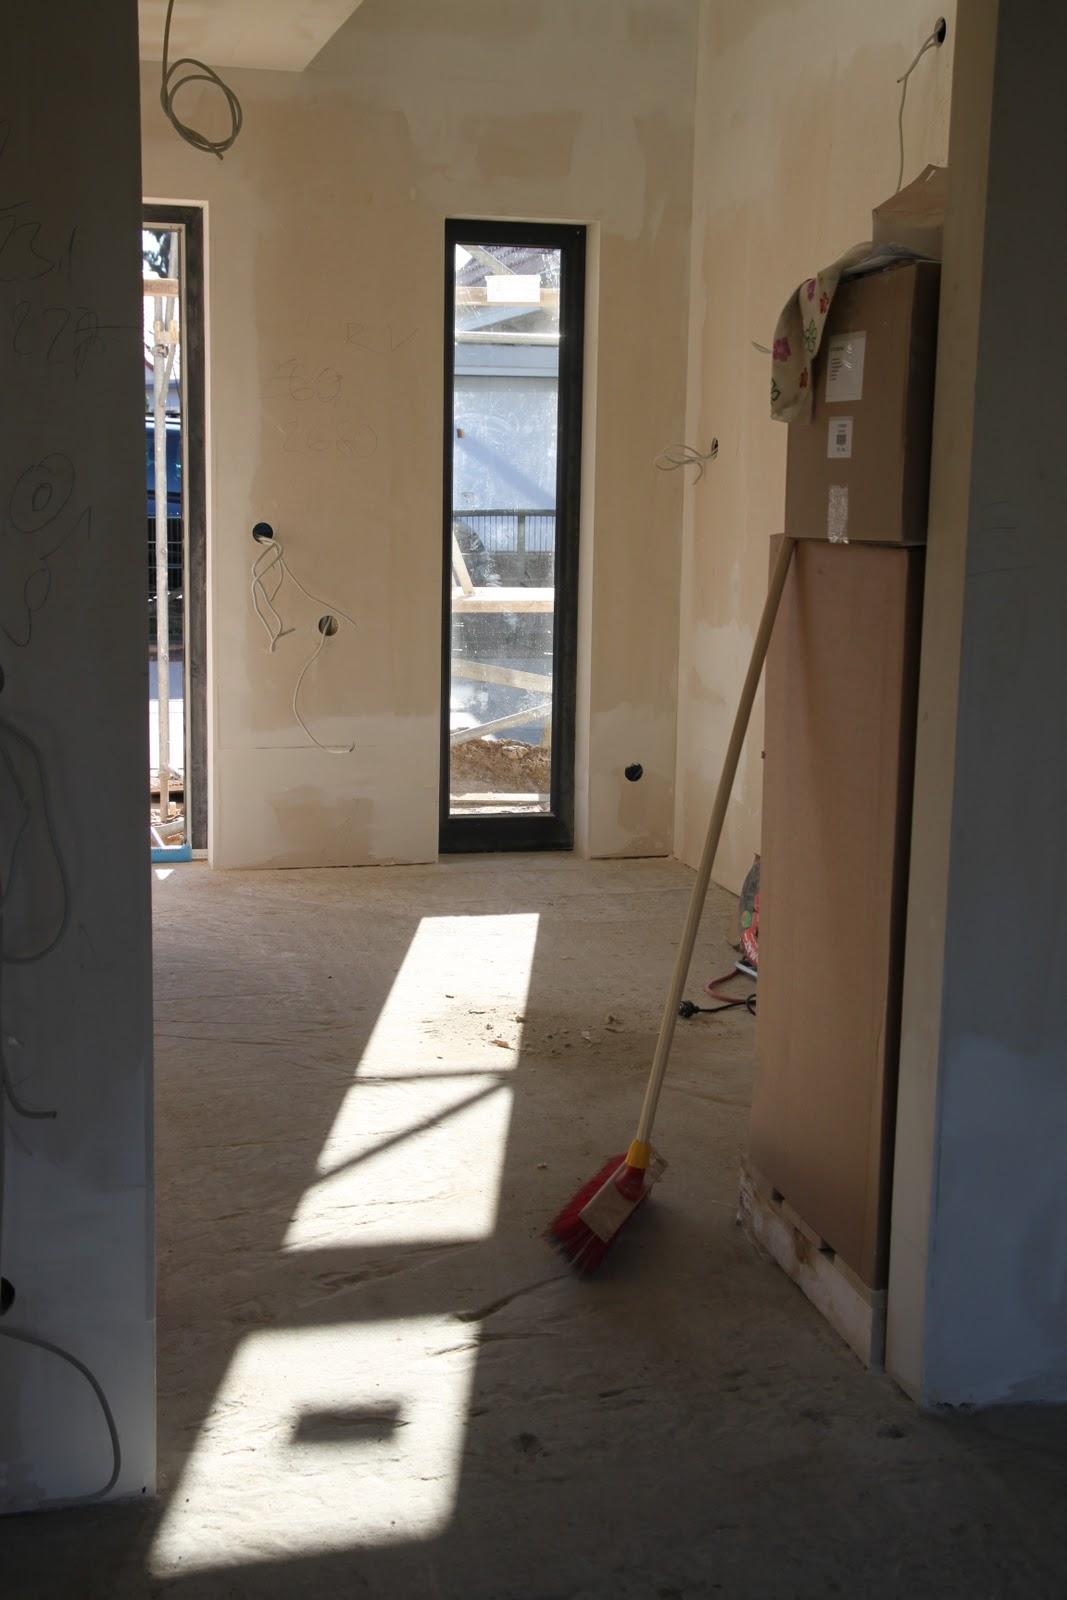 bauen : ja, nein, ja, nein - ja!: kanada im wohnzimmer? - Lichtband Küche